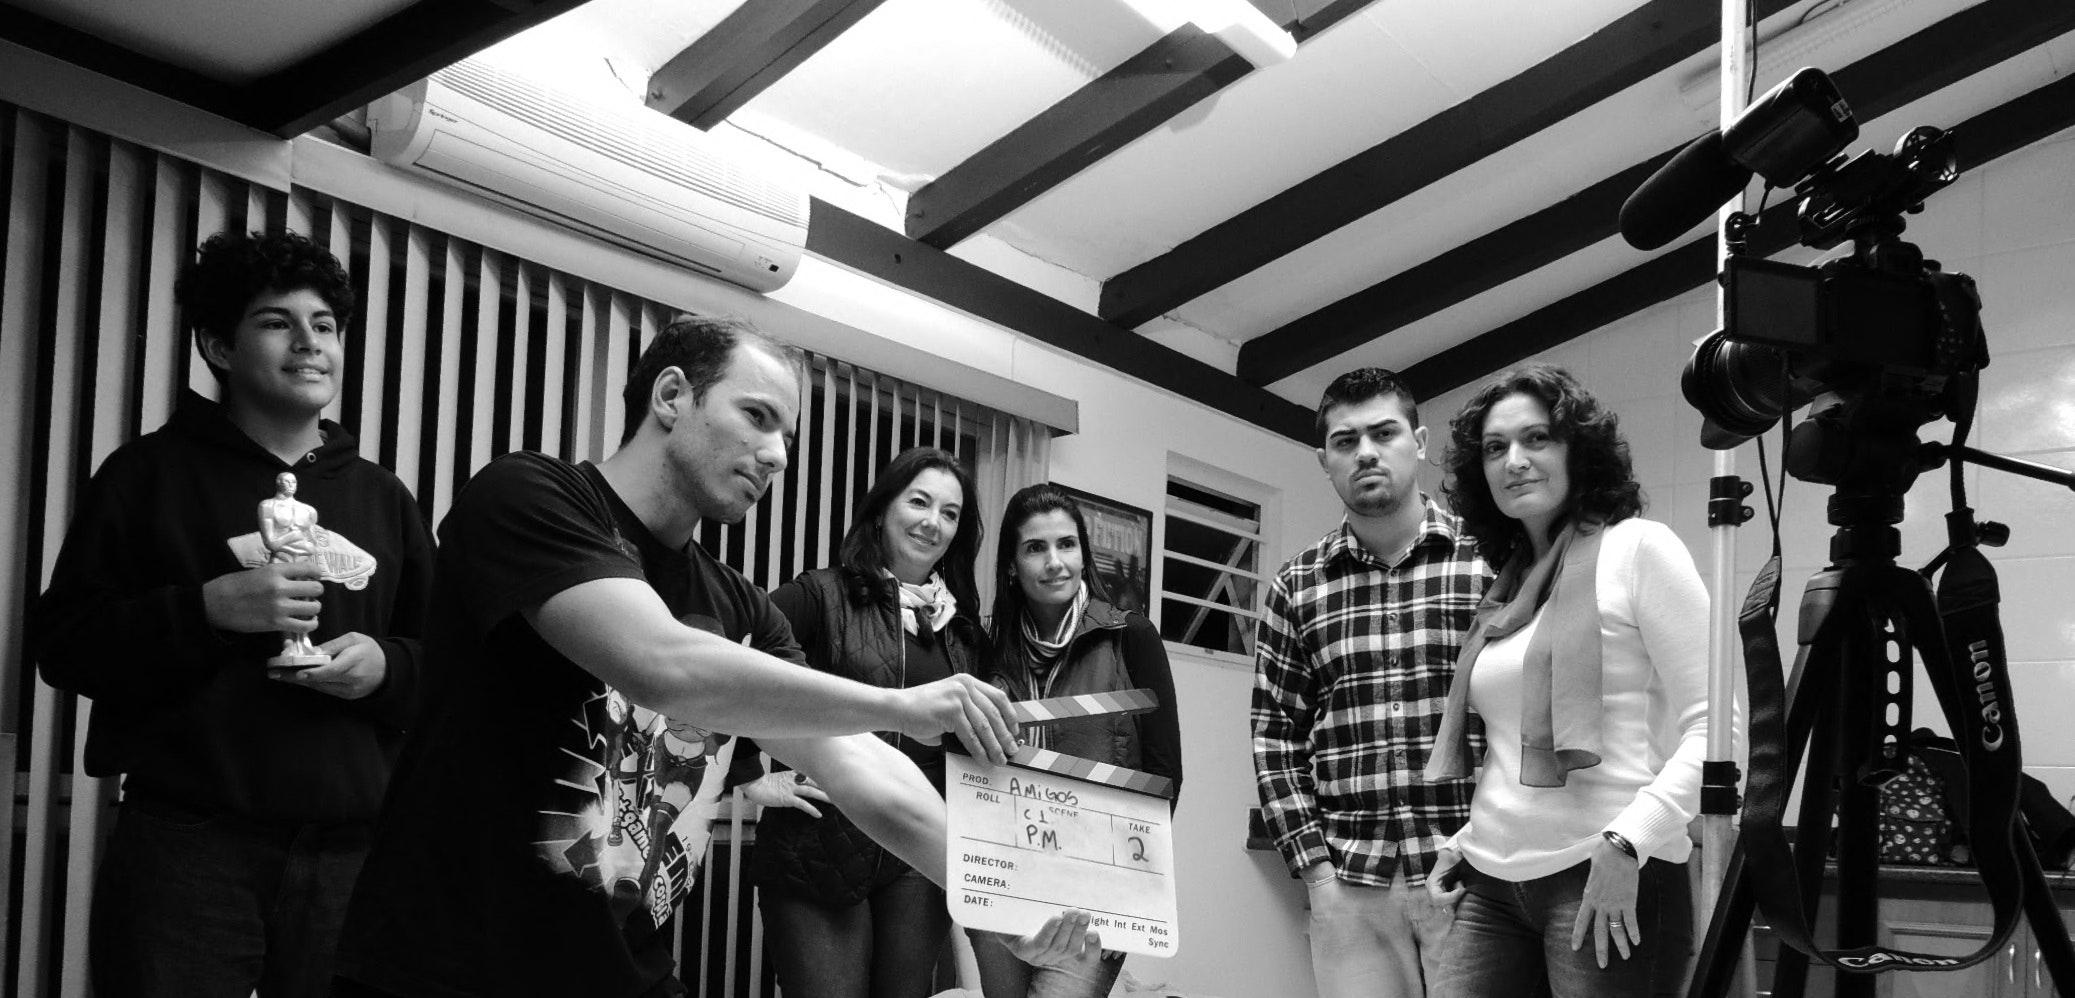 Obaveštenje studentima glume o radionici FTV glumačke igre – gluma pred kamerom